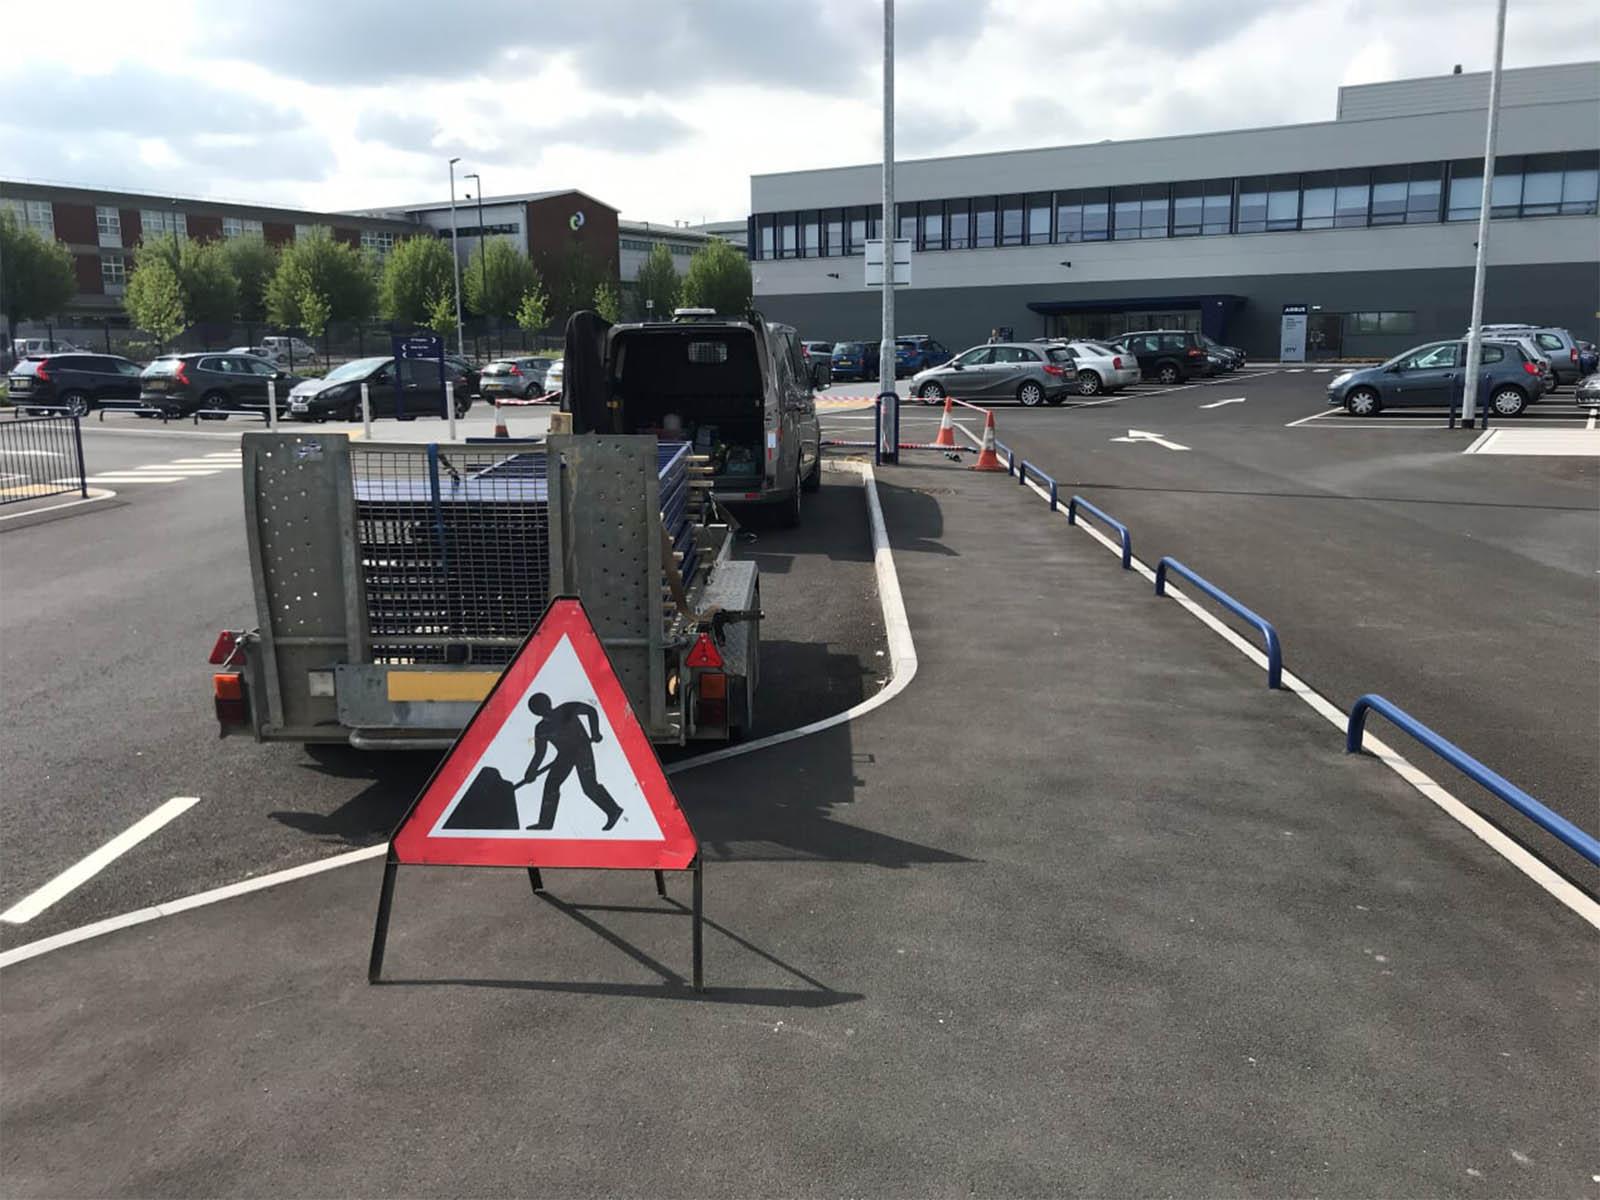 Pedestrian guardrail airbus